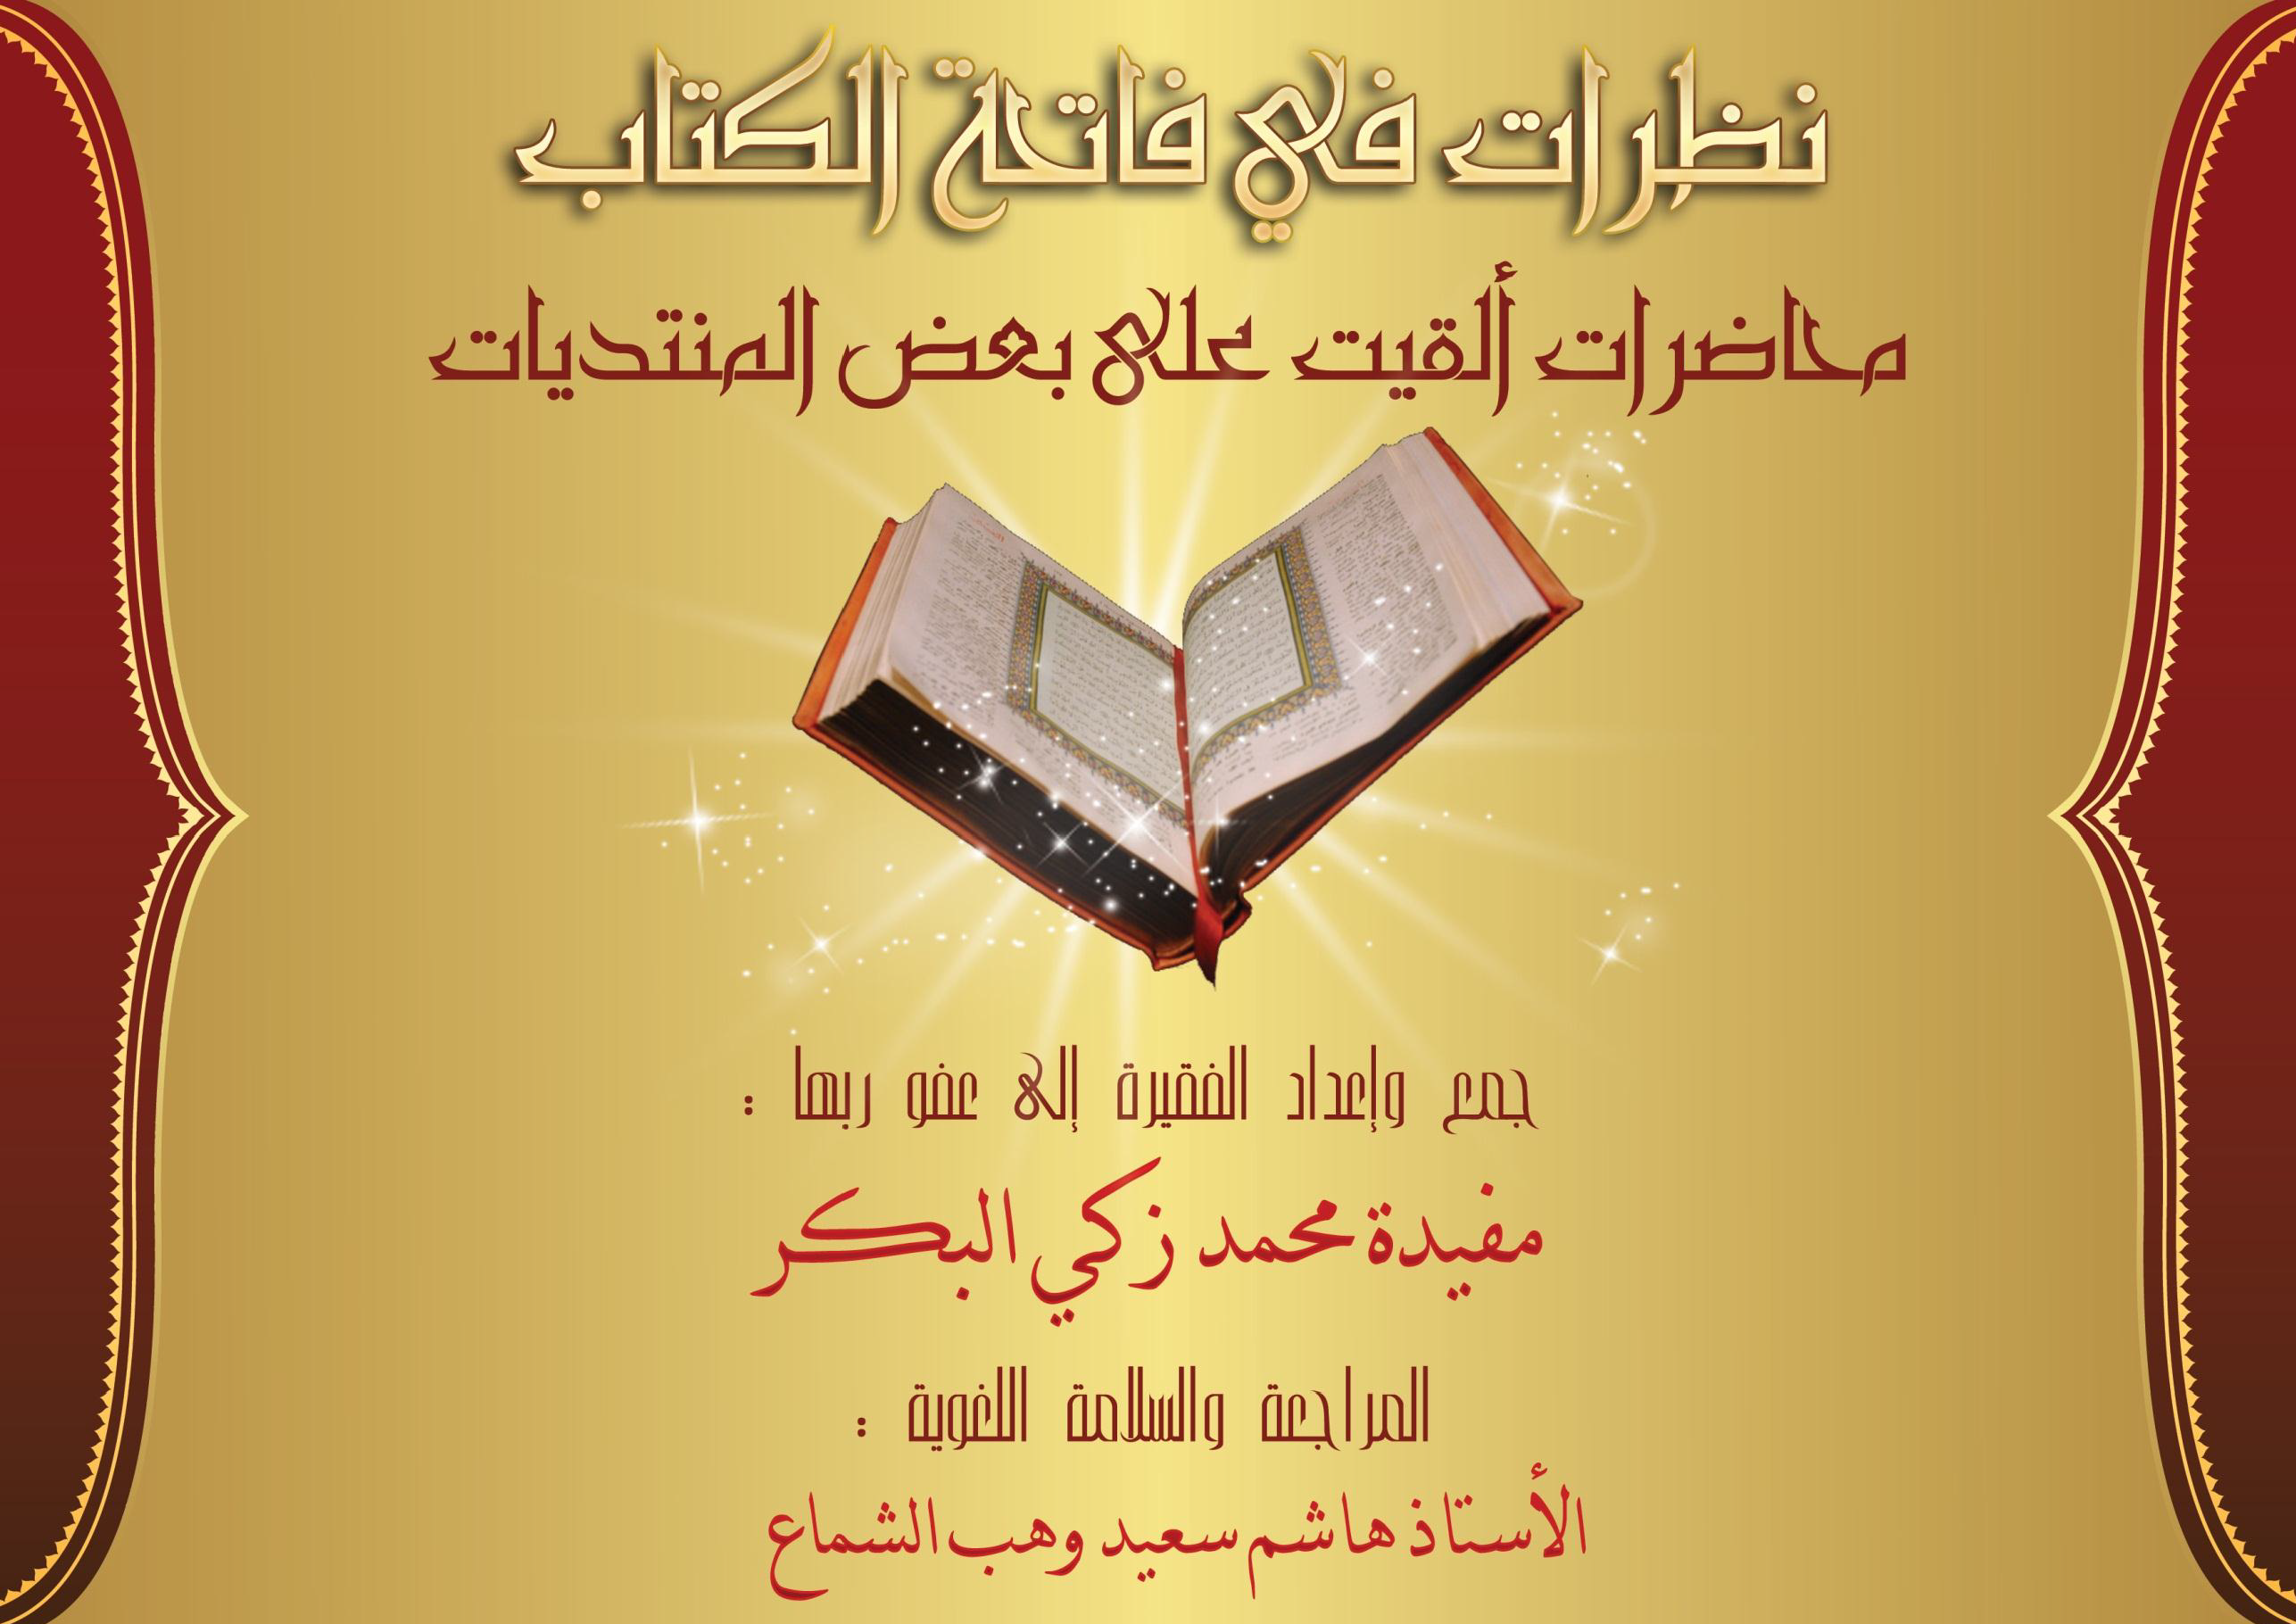 تحميل كتاب نظرات في فاتحة الكتاب لـِ: مفيدة محمد زكي البكر